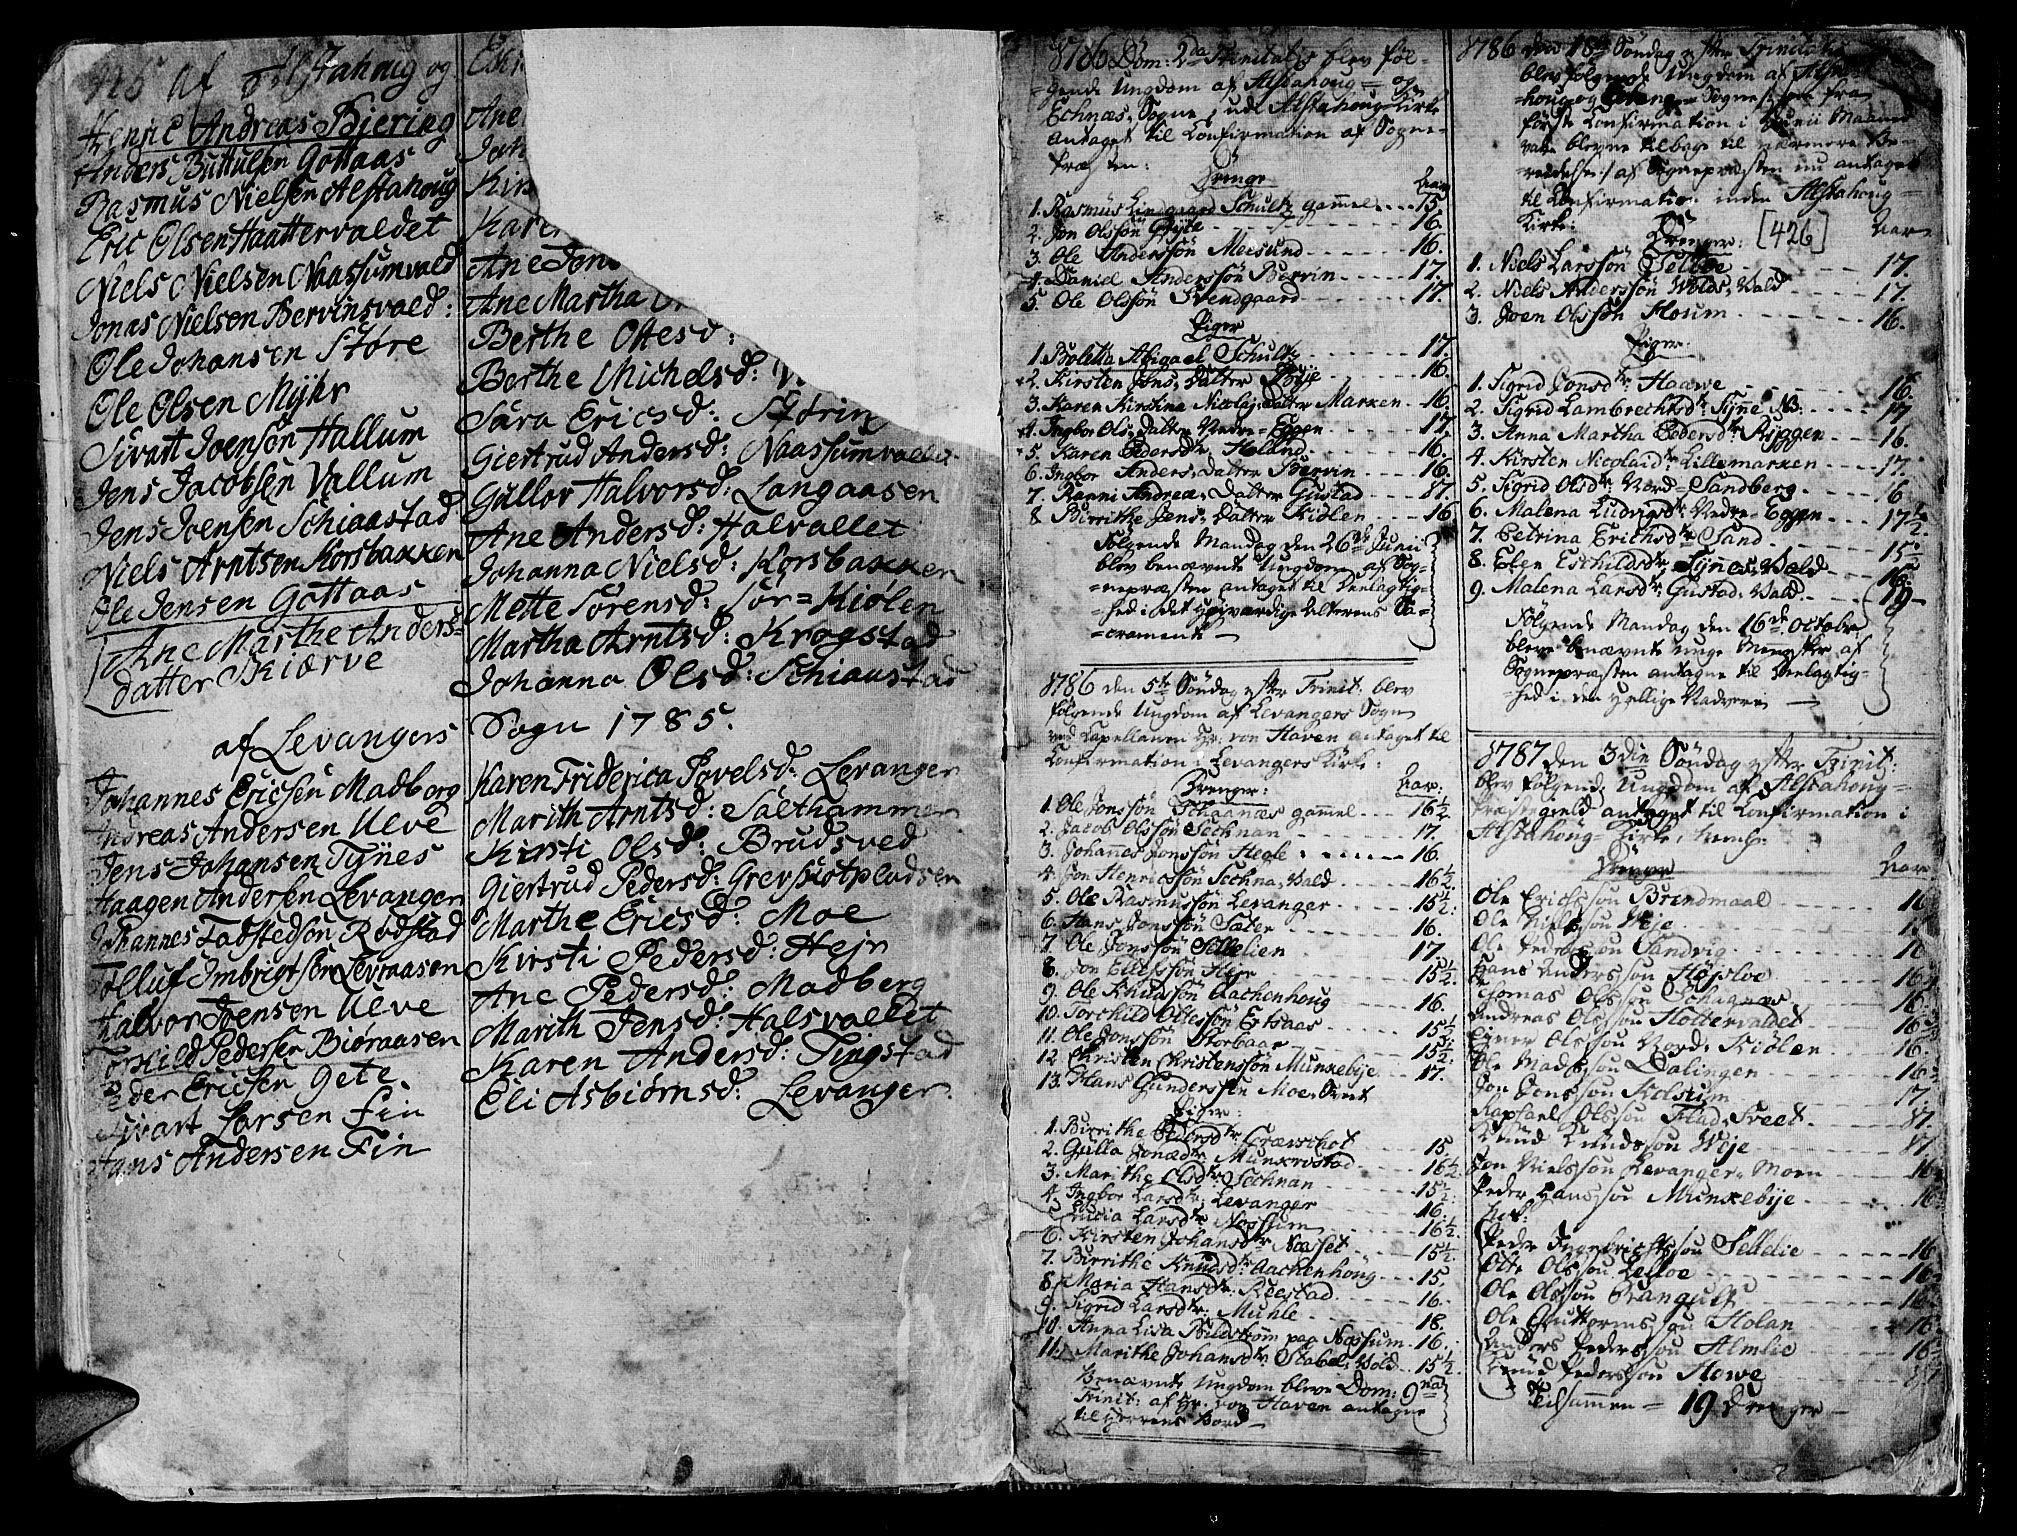 SAT, Ministerialprotokoller, klokkerbøker og fødselsregistre - Nord-Trøndelag, 717/L0141: Ministerialbok nr. 717A01, 1747-1803, s. 425-426